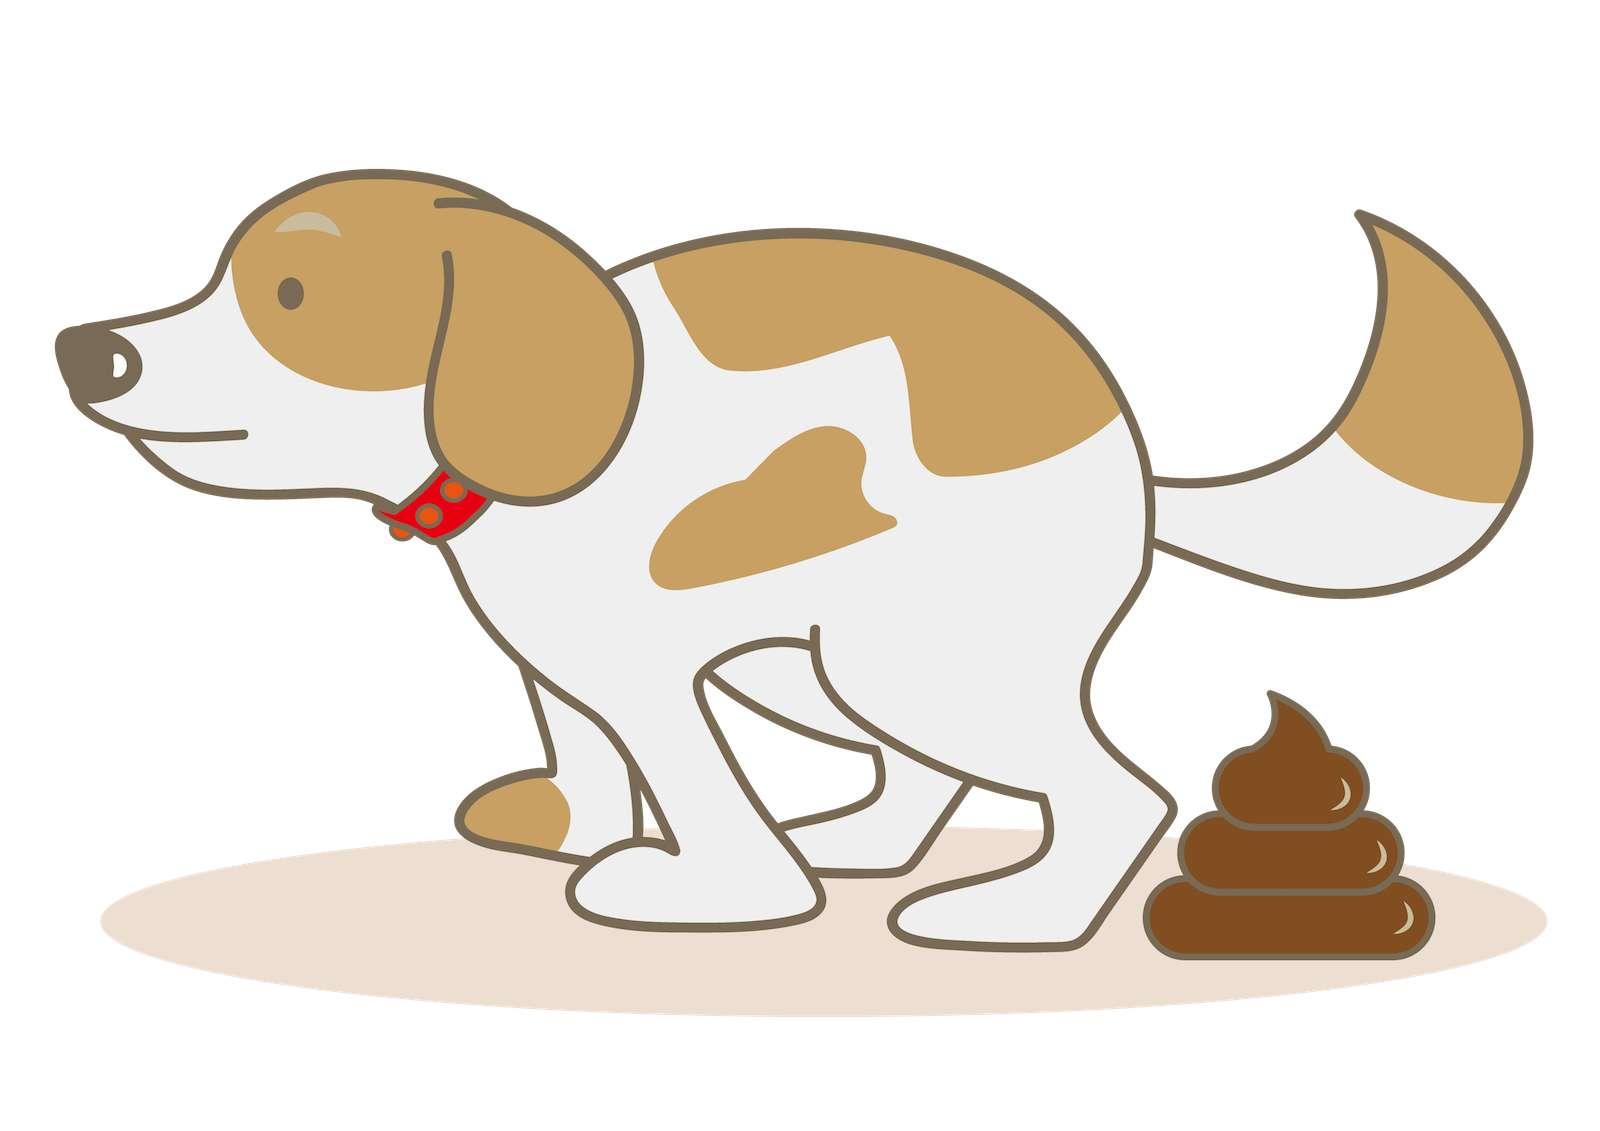 犬の下痢・腸炎】タンパク漏出性腸症と診断された!寿命・適切なフード・手作り食について 獣医師が解説